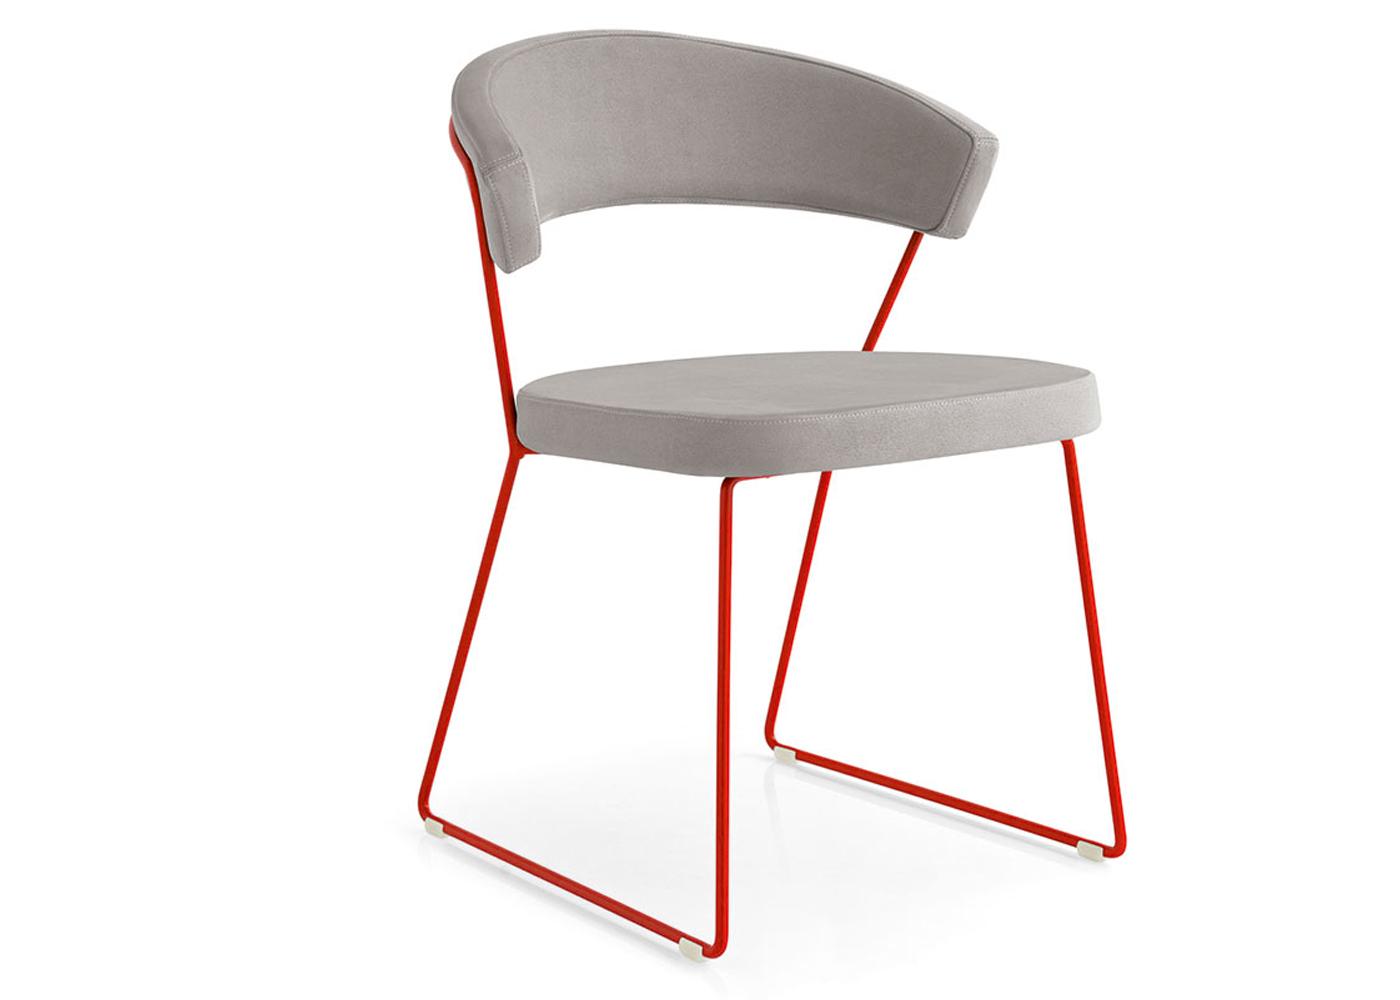 chair covers ny kubu world market calligaris new york sleigh midfurn furniture